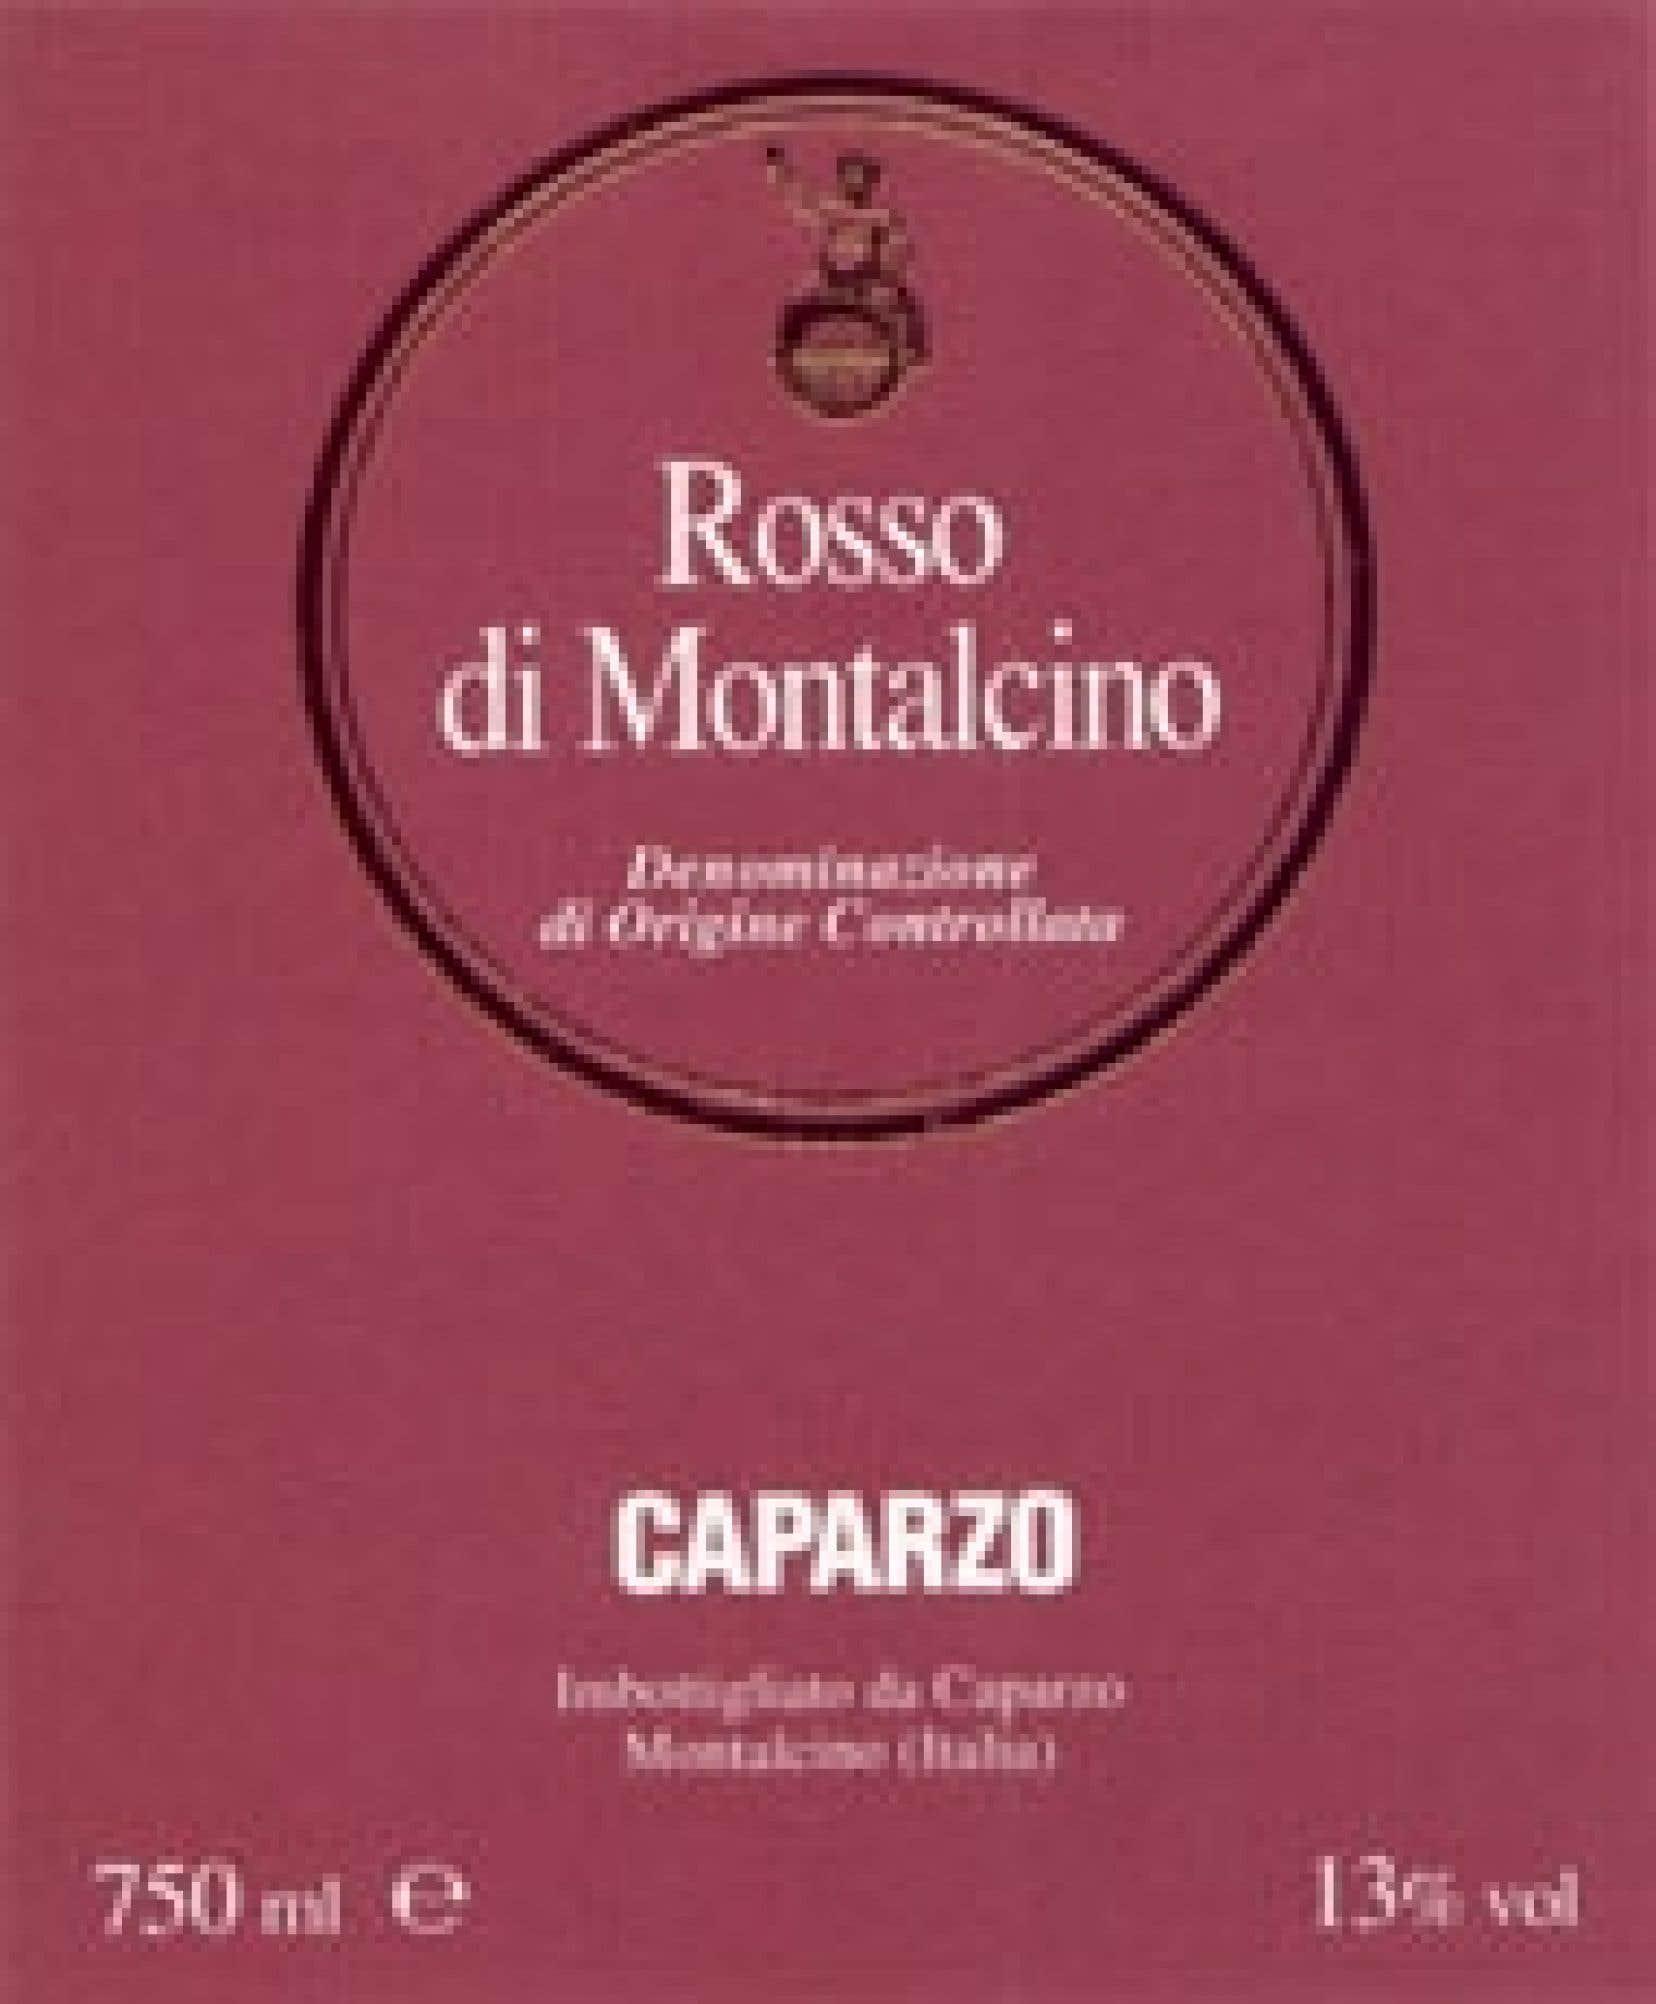 Notre primeur en rouge, le Rosso di Montalcino.